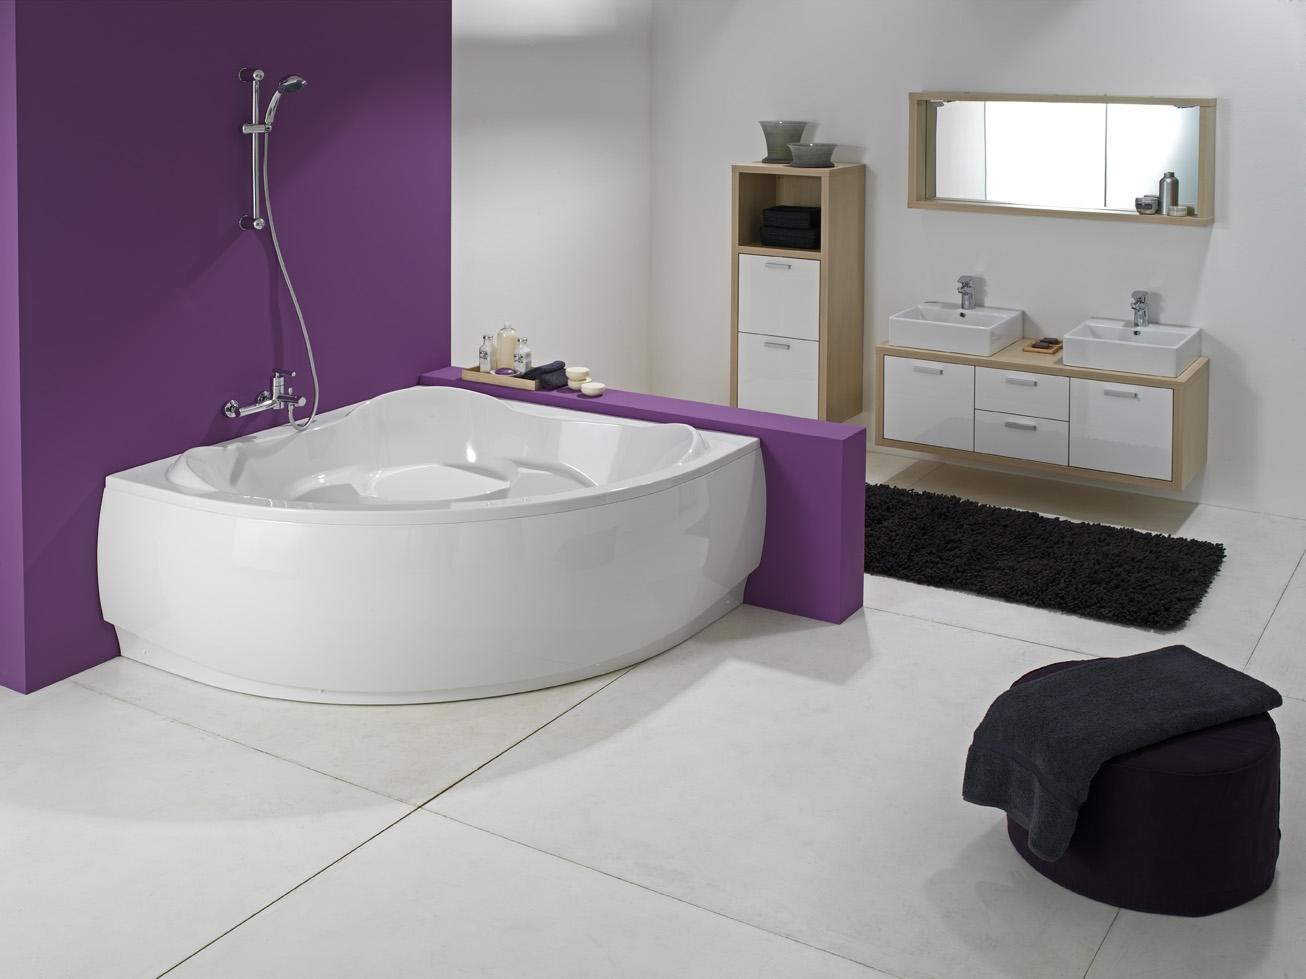 Как выбрать хорошую ванну фото2